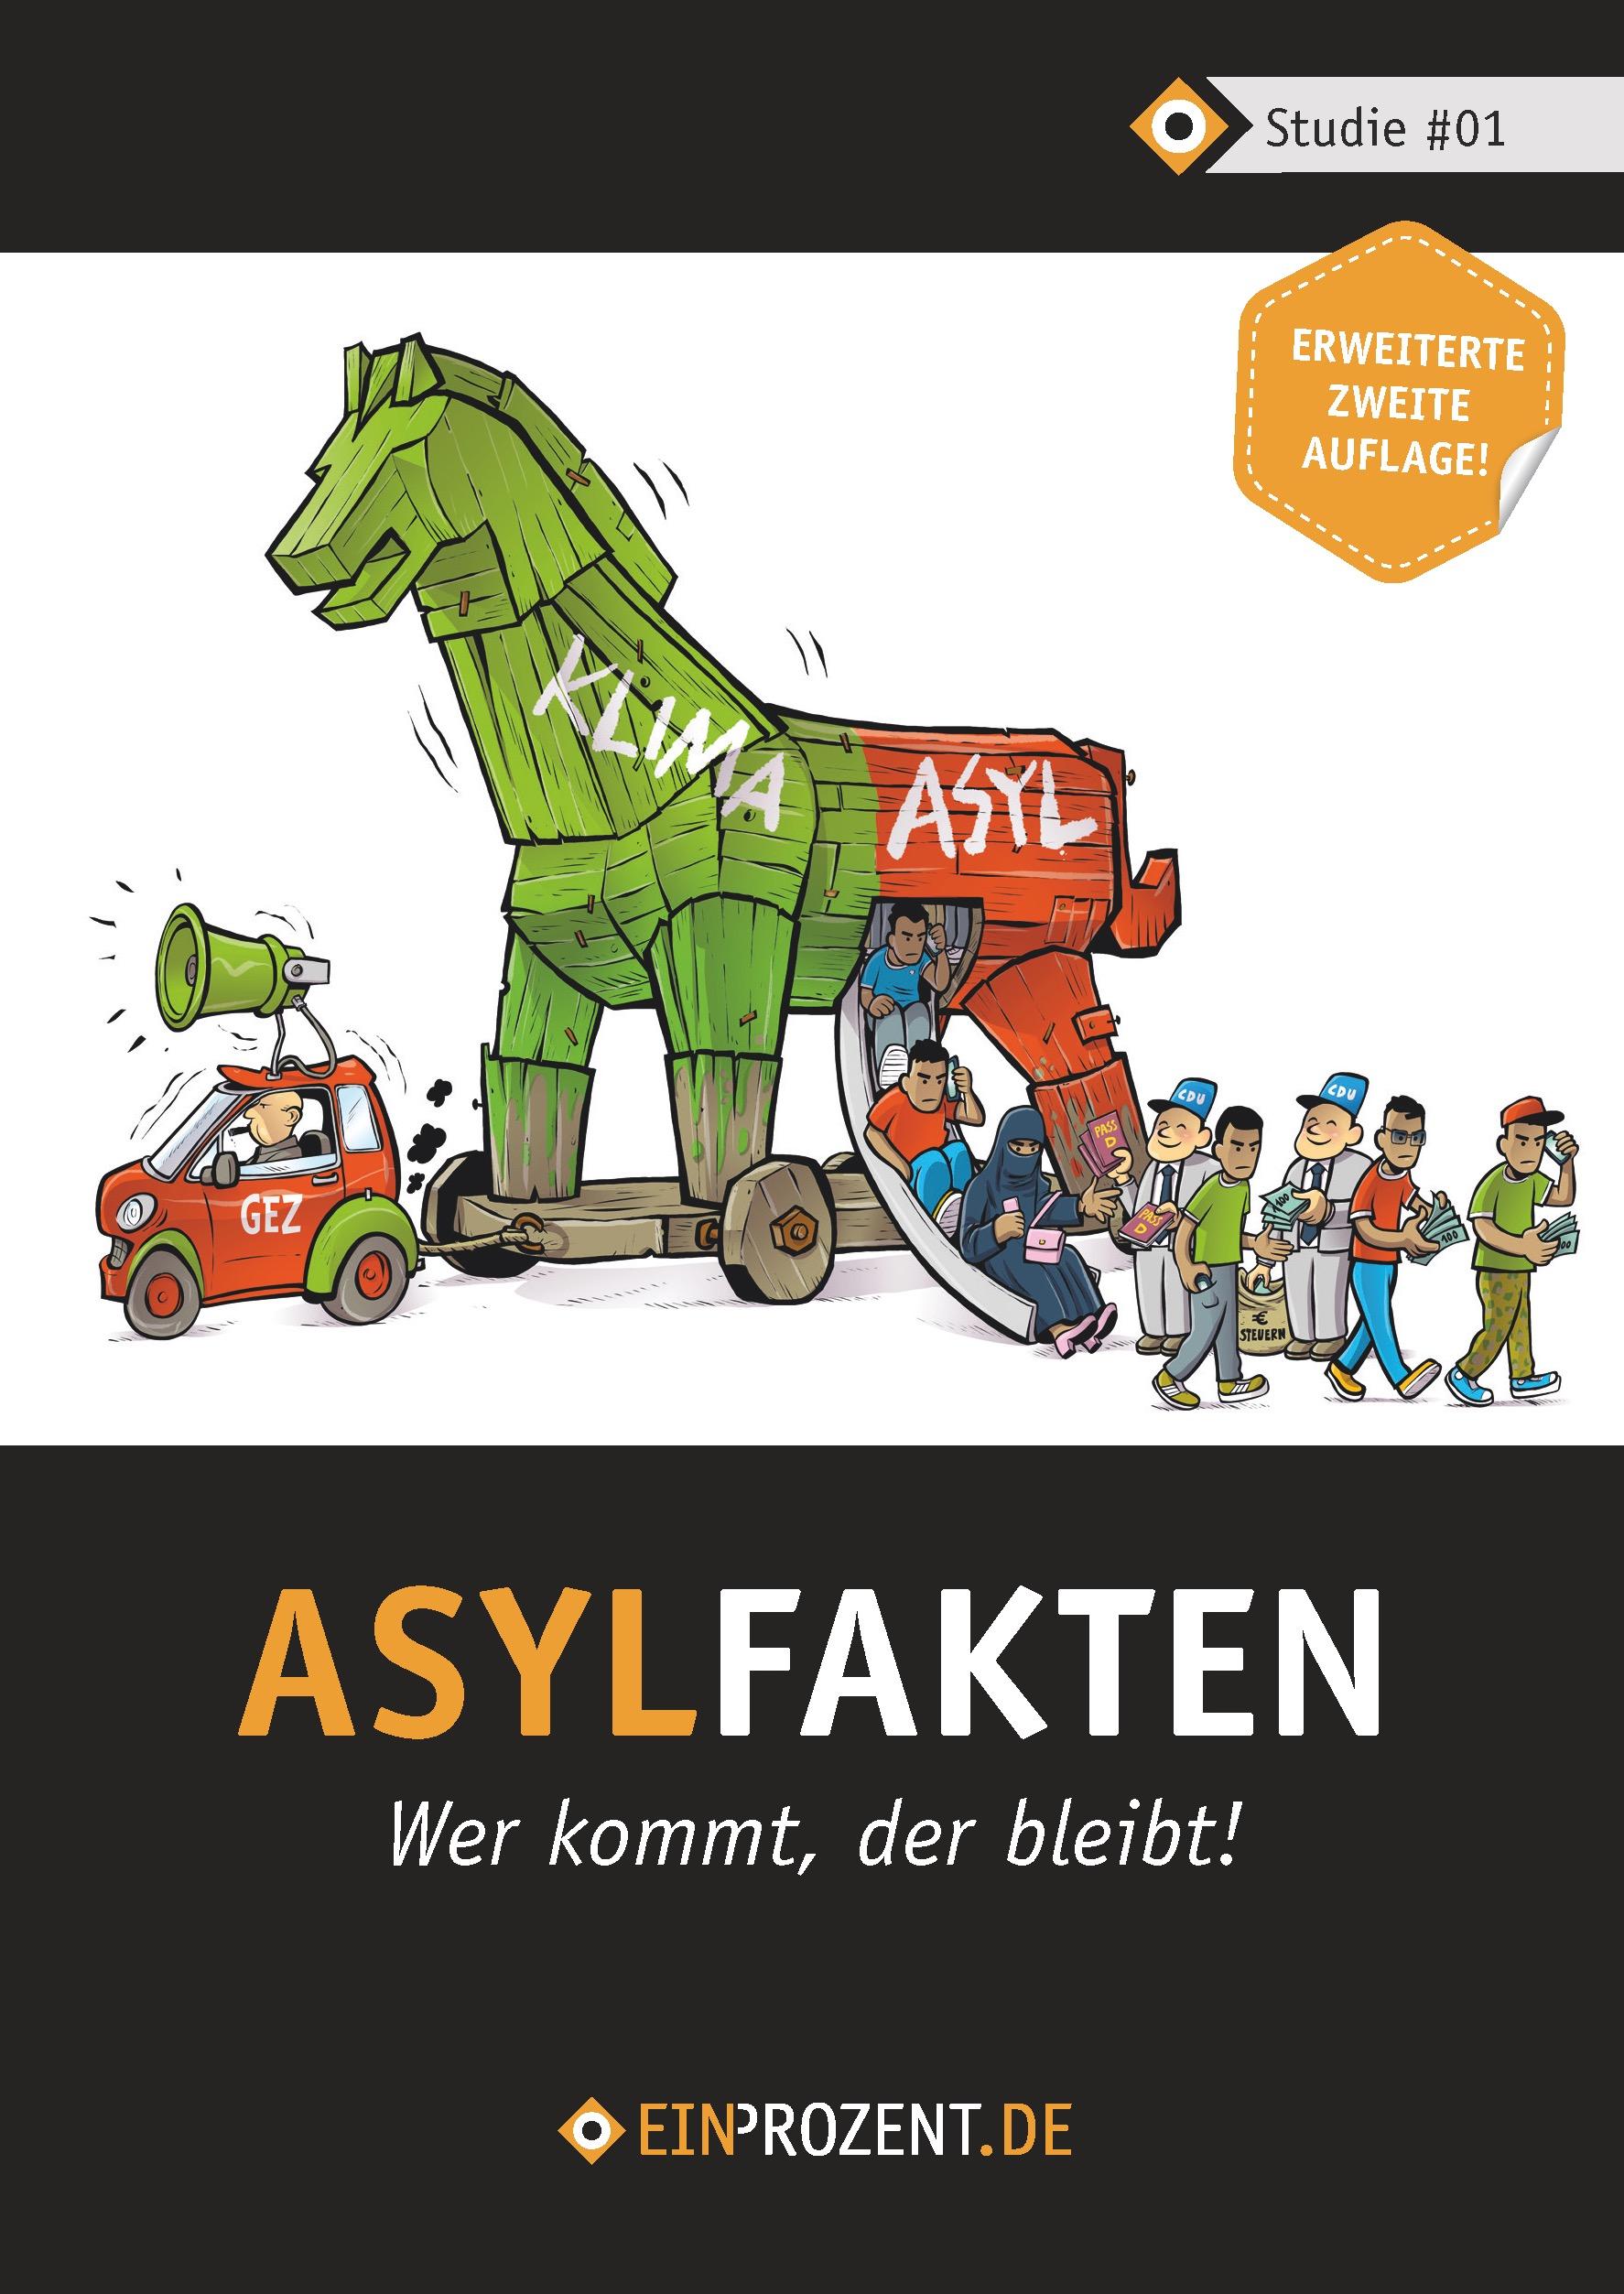 [Bild: Asylstudie2-0_shop.jpg]